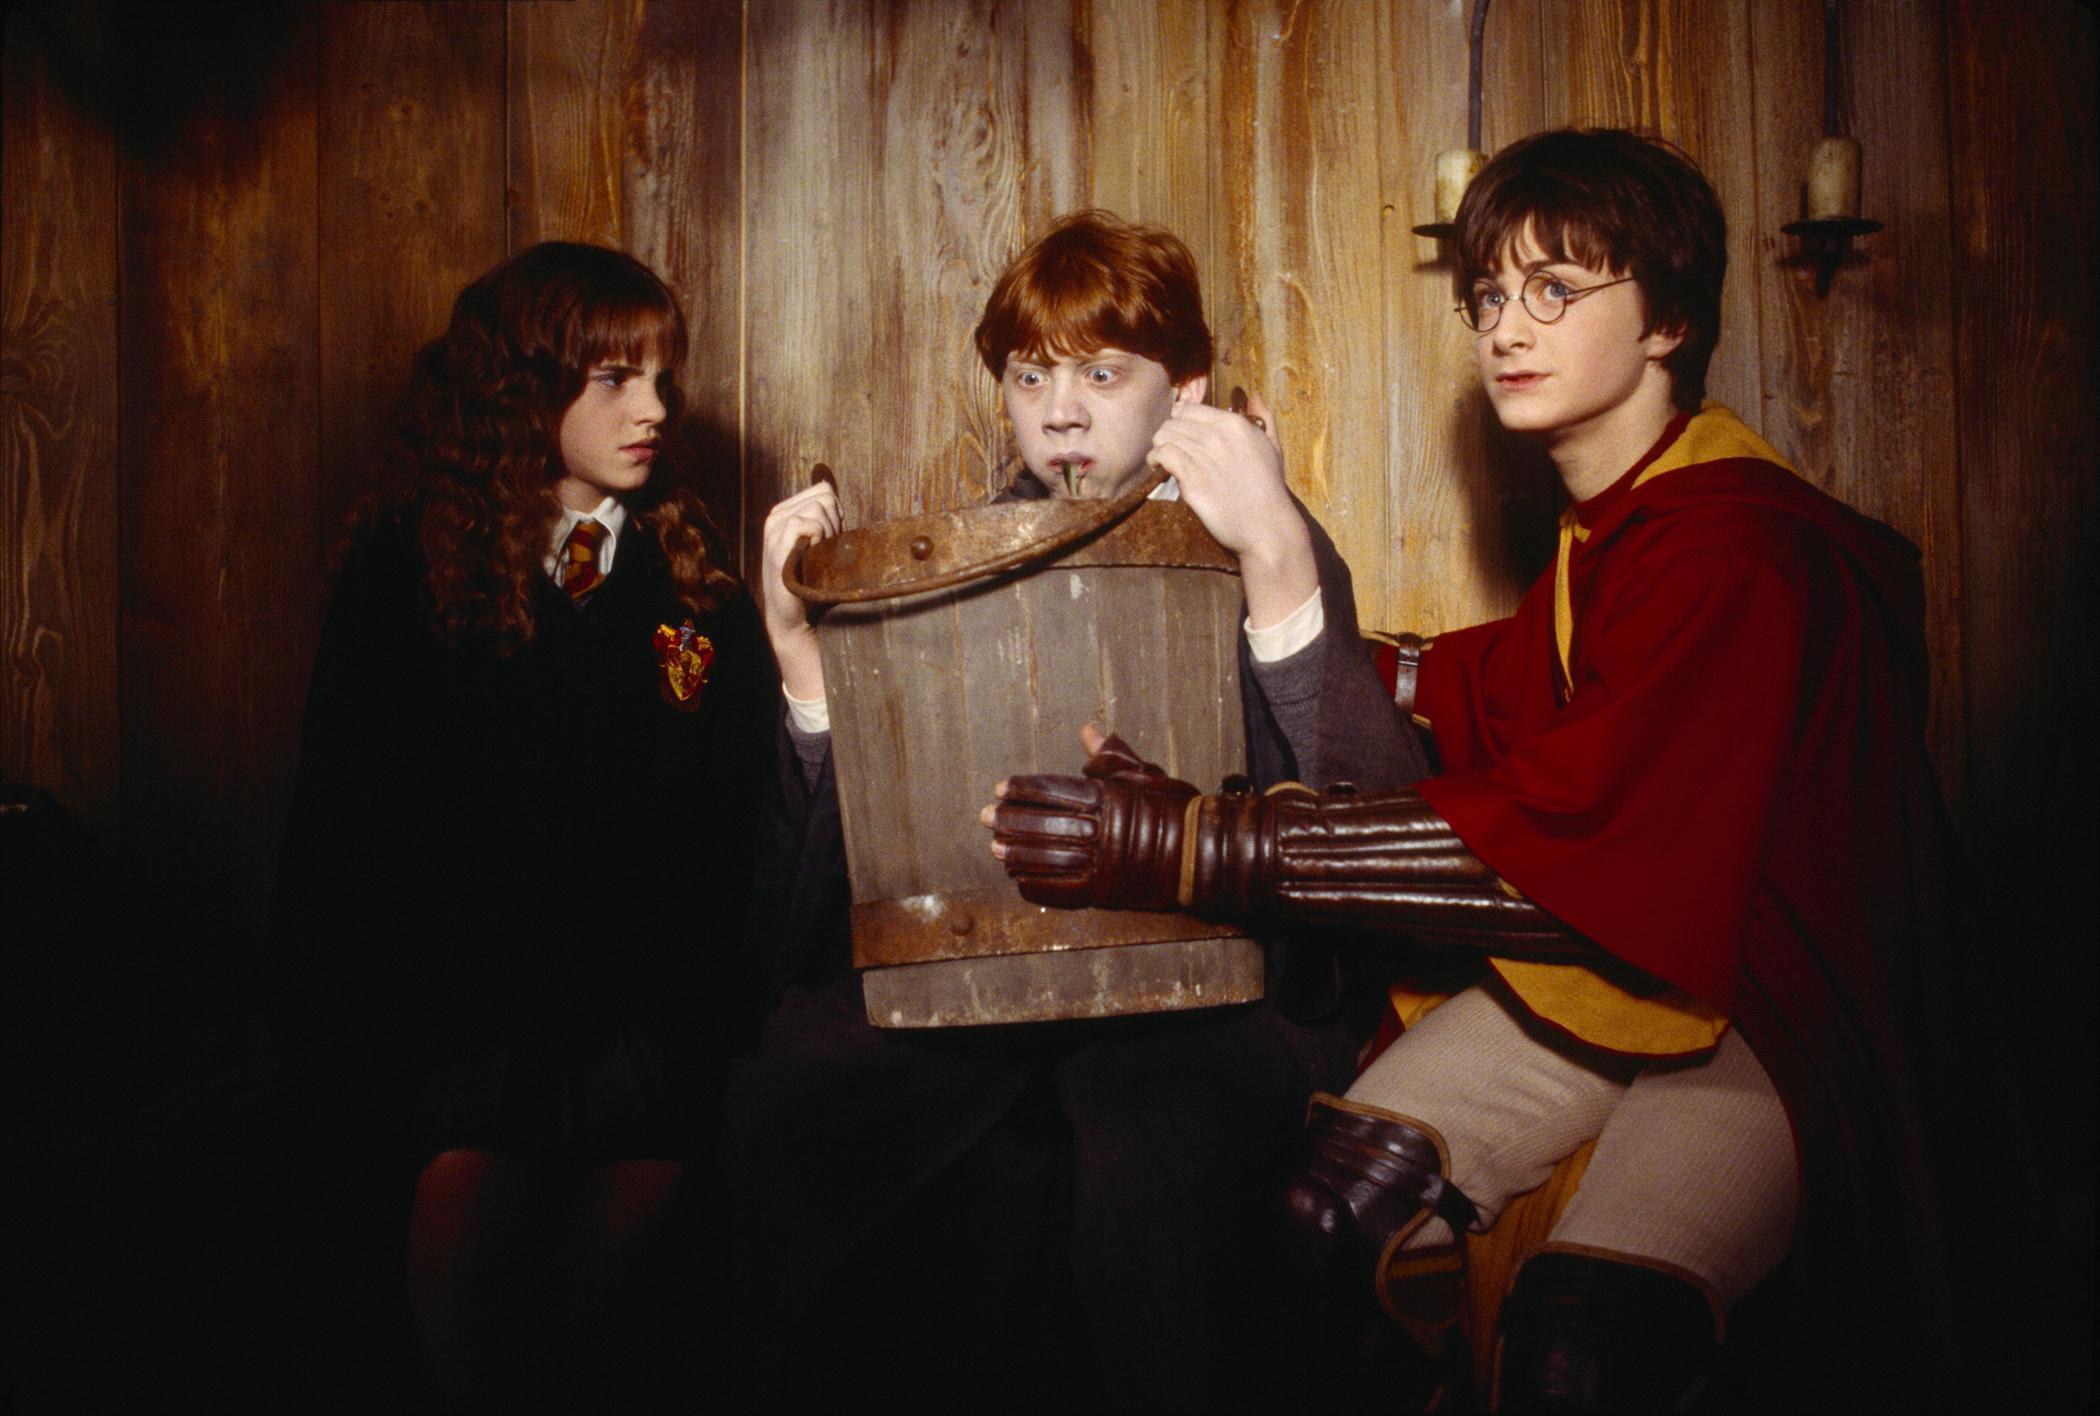 Jeu des images (version HP) - Page 6 Harry-Potter-and-the-Chamber-of-Secrets-the-chamber-of-secrets-6579066-2100-1416